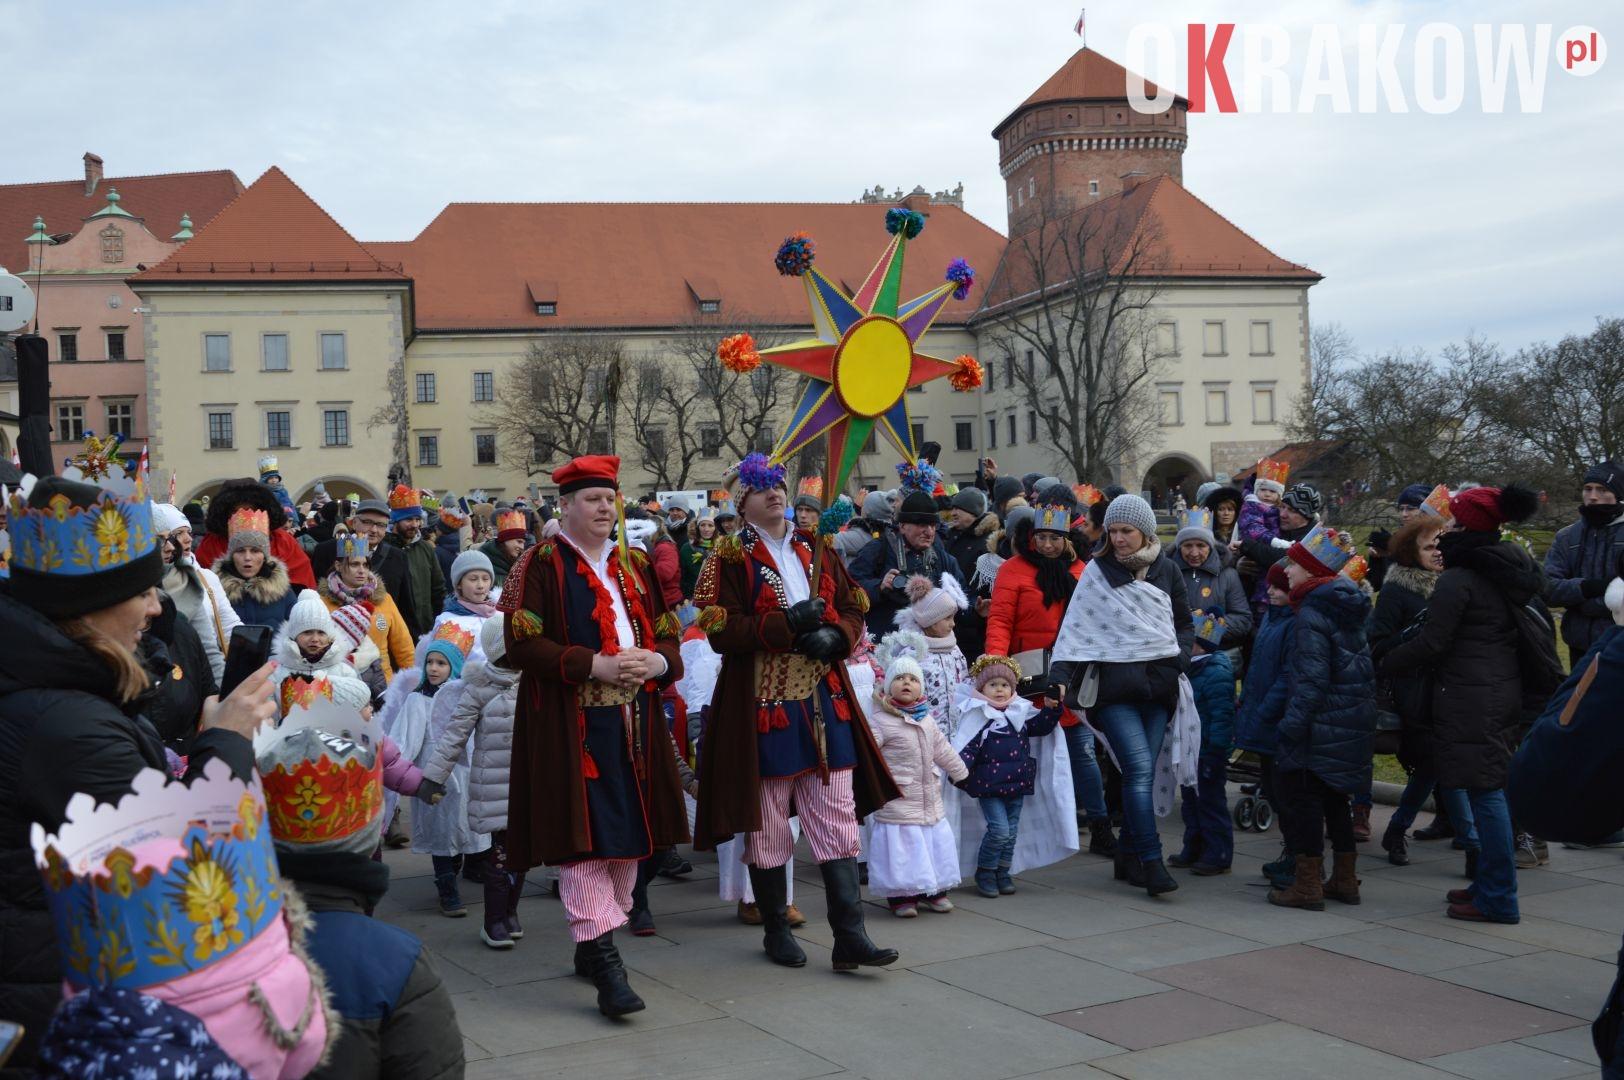 orszak 14 - Orszak Trzech Króli Kraków 2020 Galeria Zdjęć z Orszaku (czerwonego)